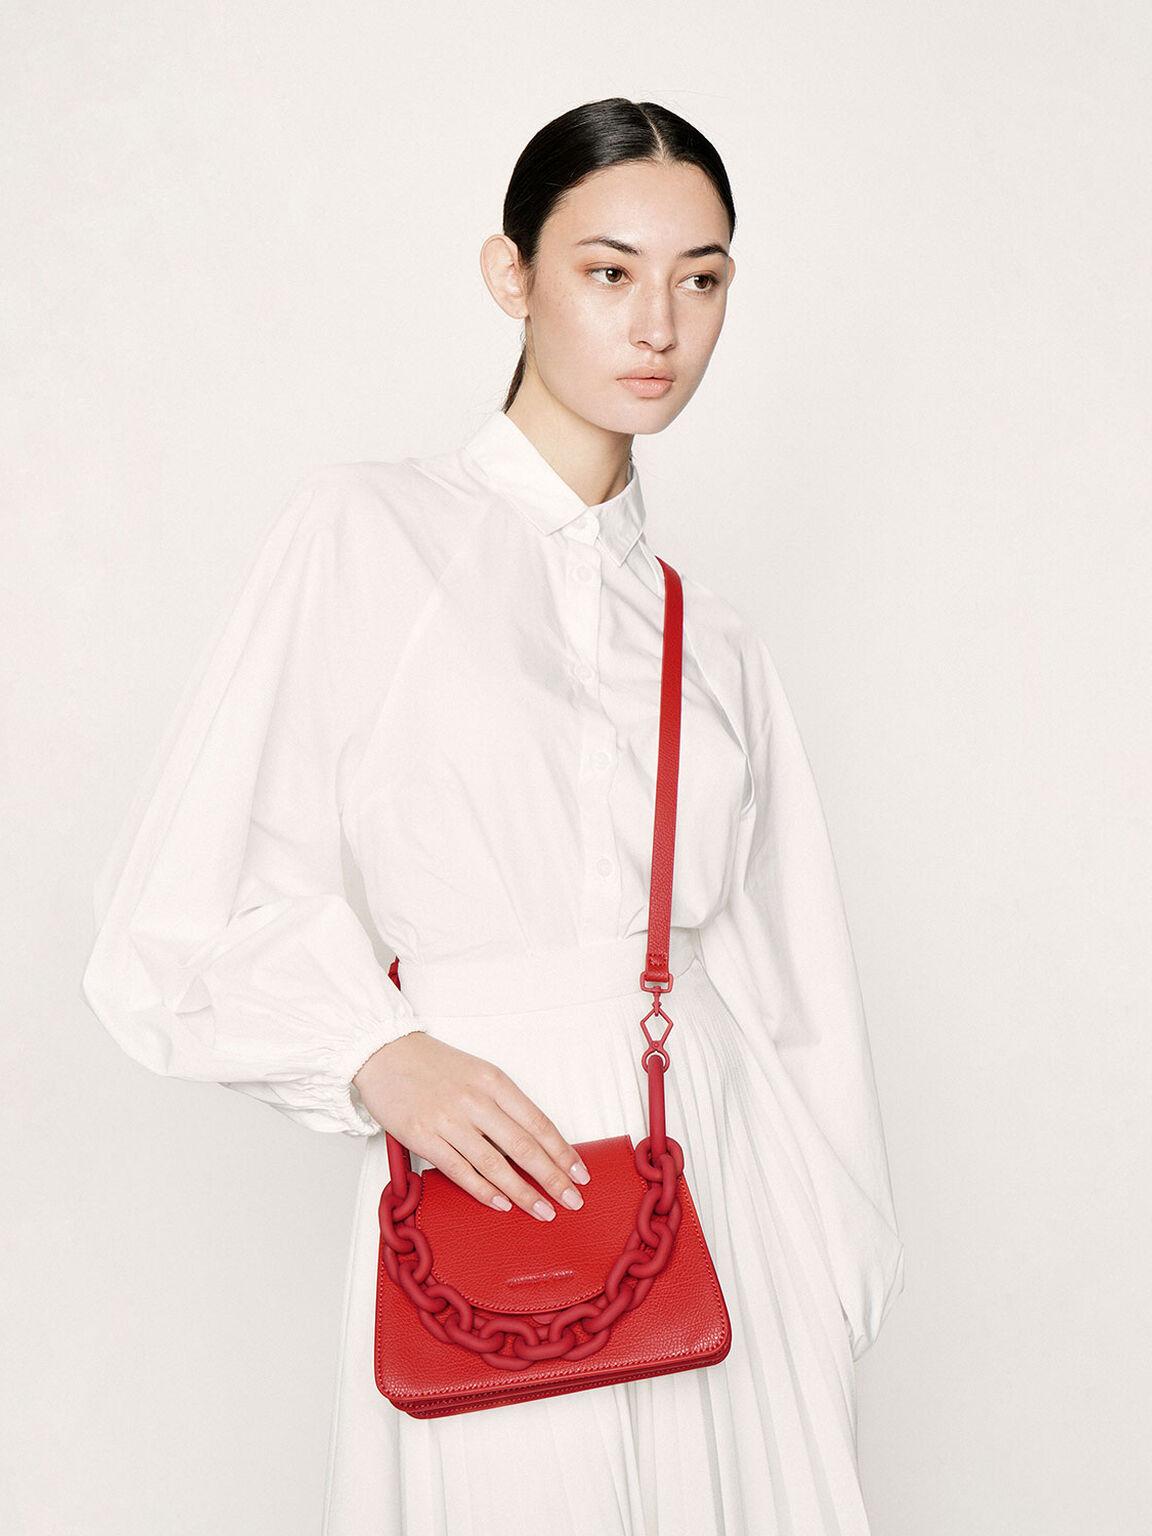 粗鍊小型肩背包, 紅色, hi-res